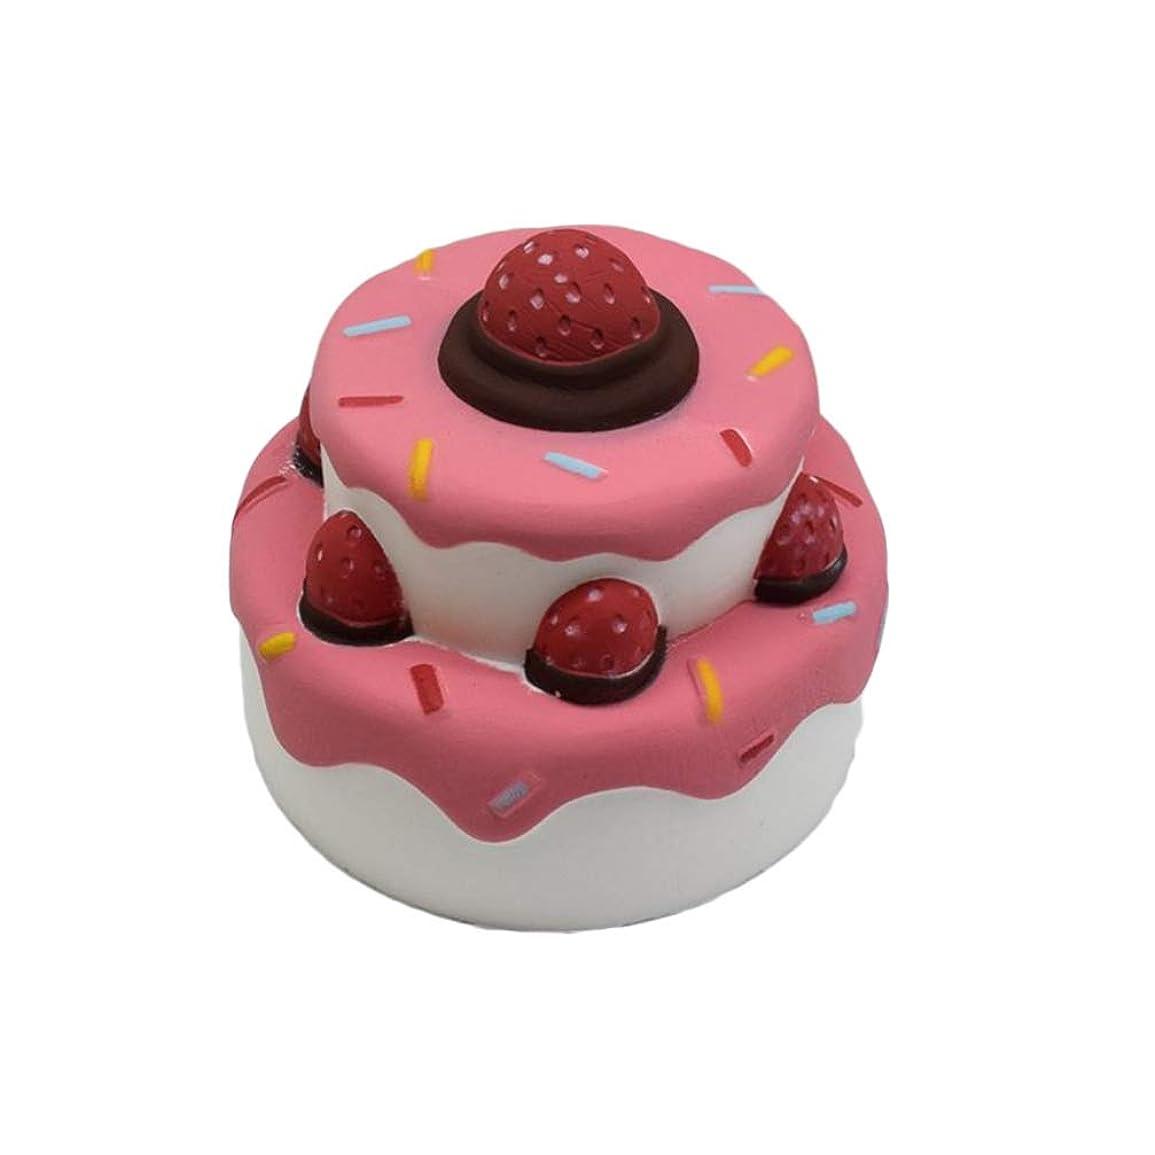 職人忘れる治すSTOBOK 1パソコンシミュレーションケーキ人工ラウンドカラフルなケーキモデルエンターテイメントエンターテイメントの子供たちの遊び